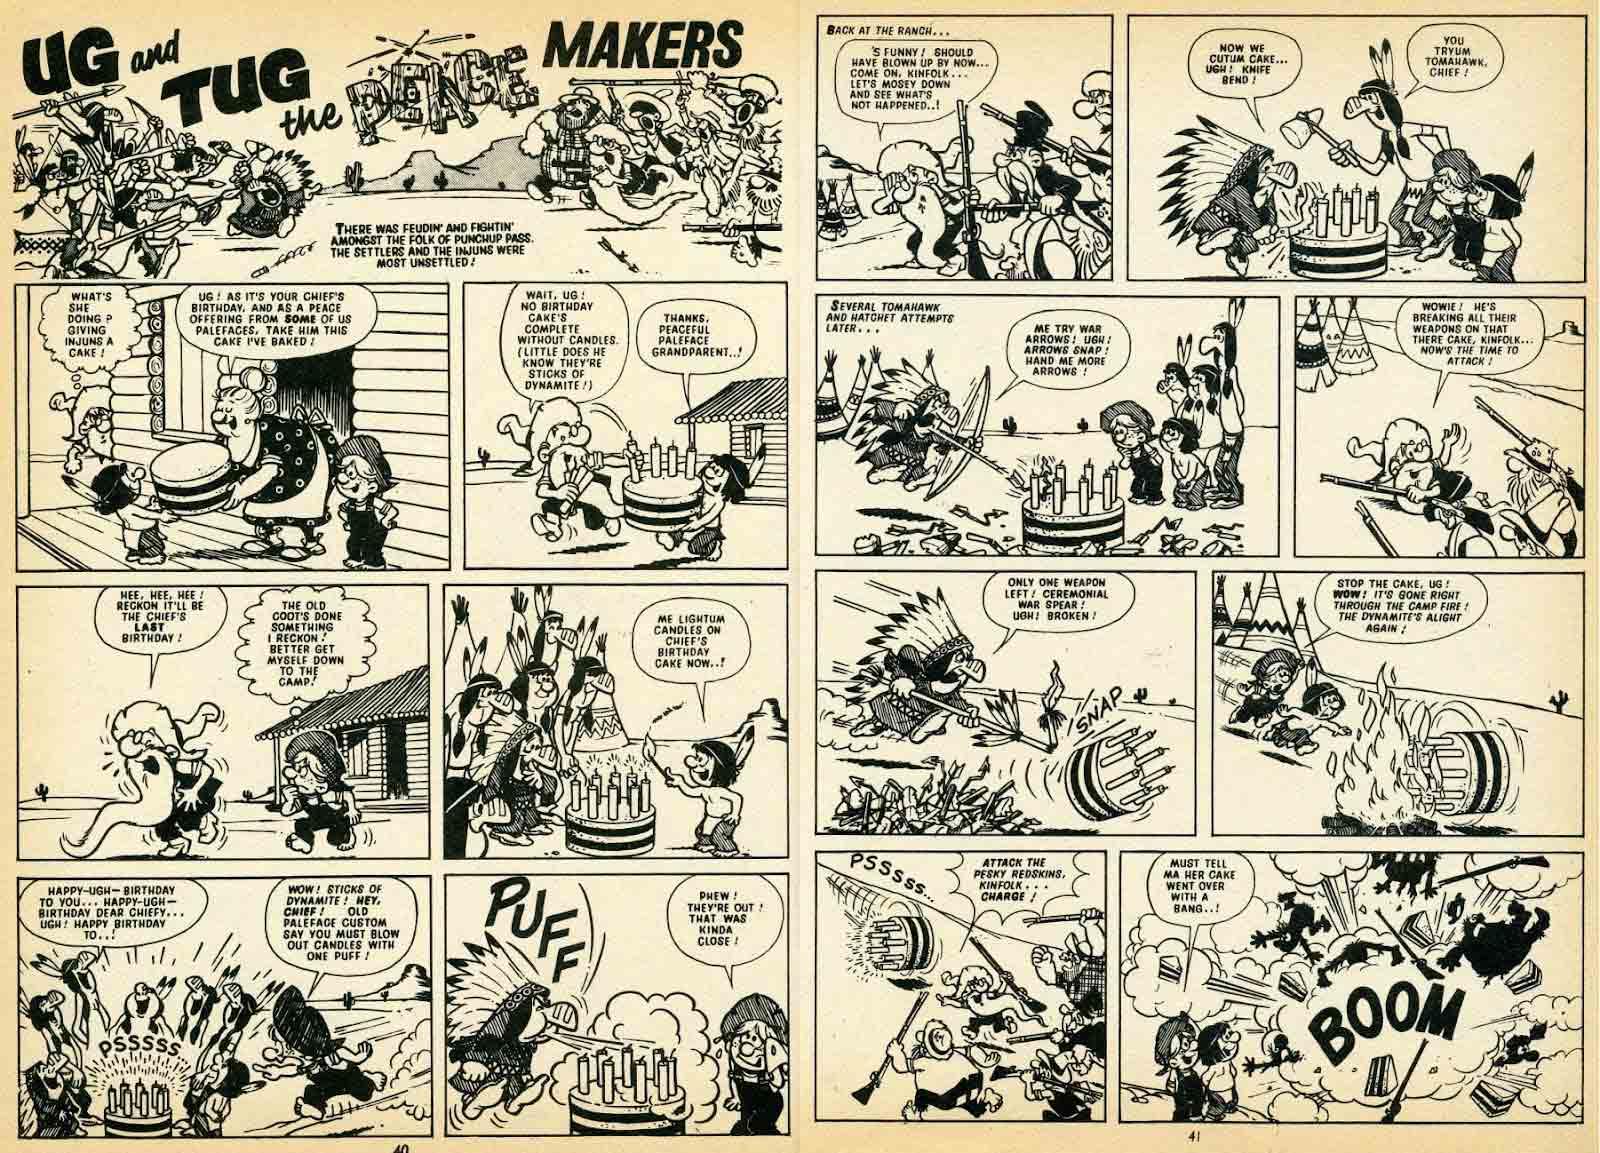 Bonita doble página dibujada por Nadal serie Ug and Tug